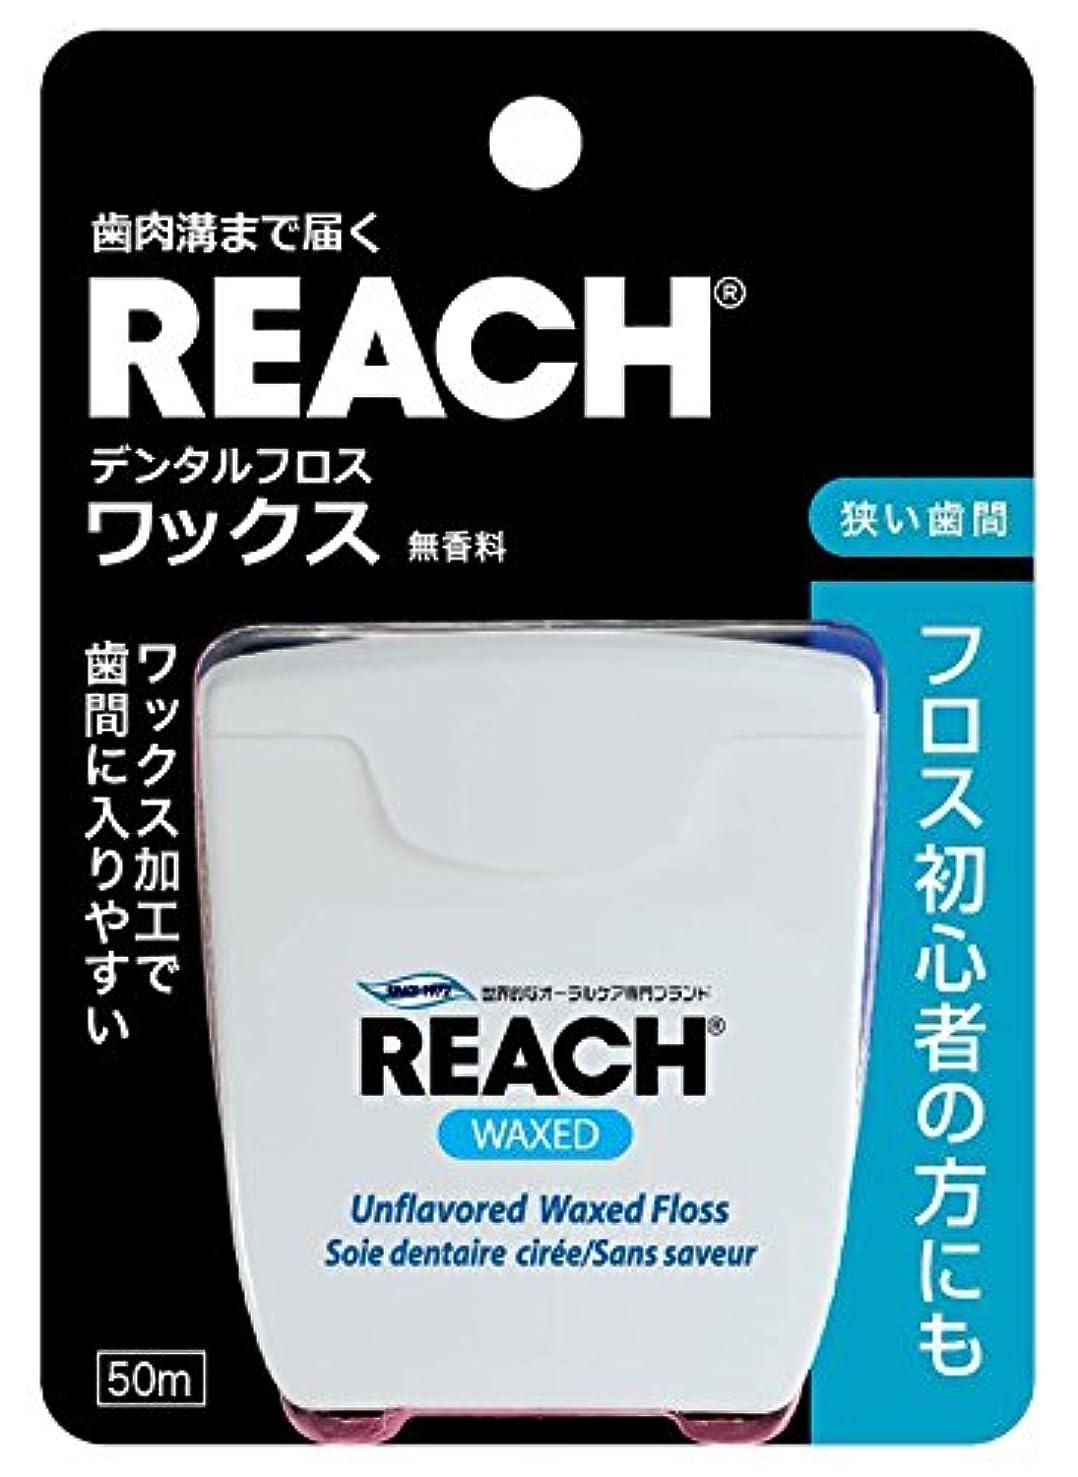 傾斜指用心REACH(リーチ) リーチデンタルフロス ワックス 50M 単品